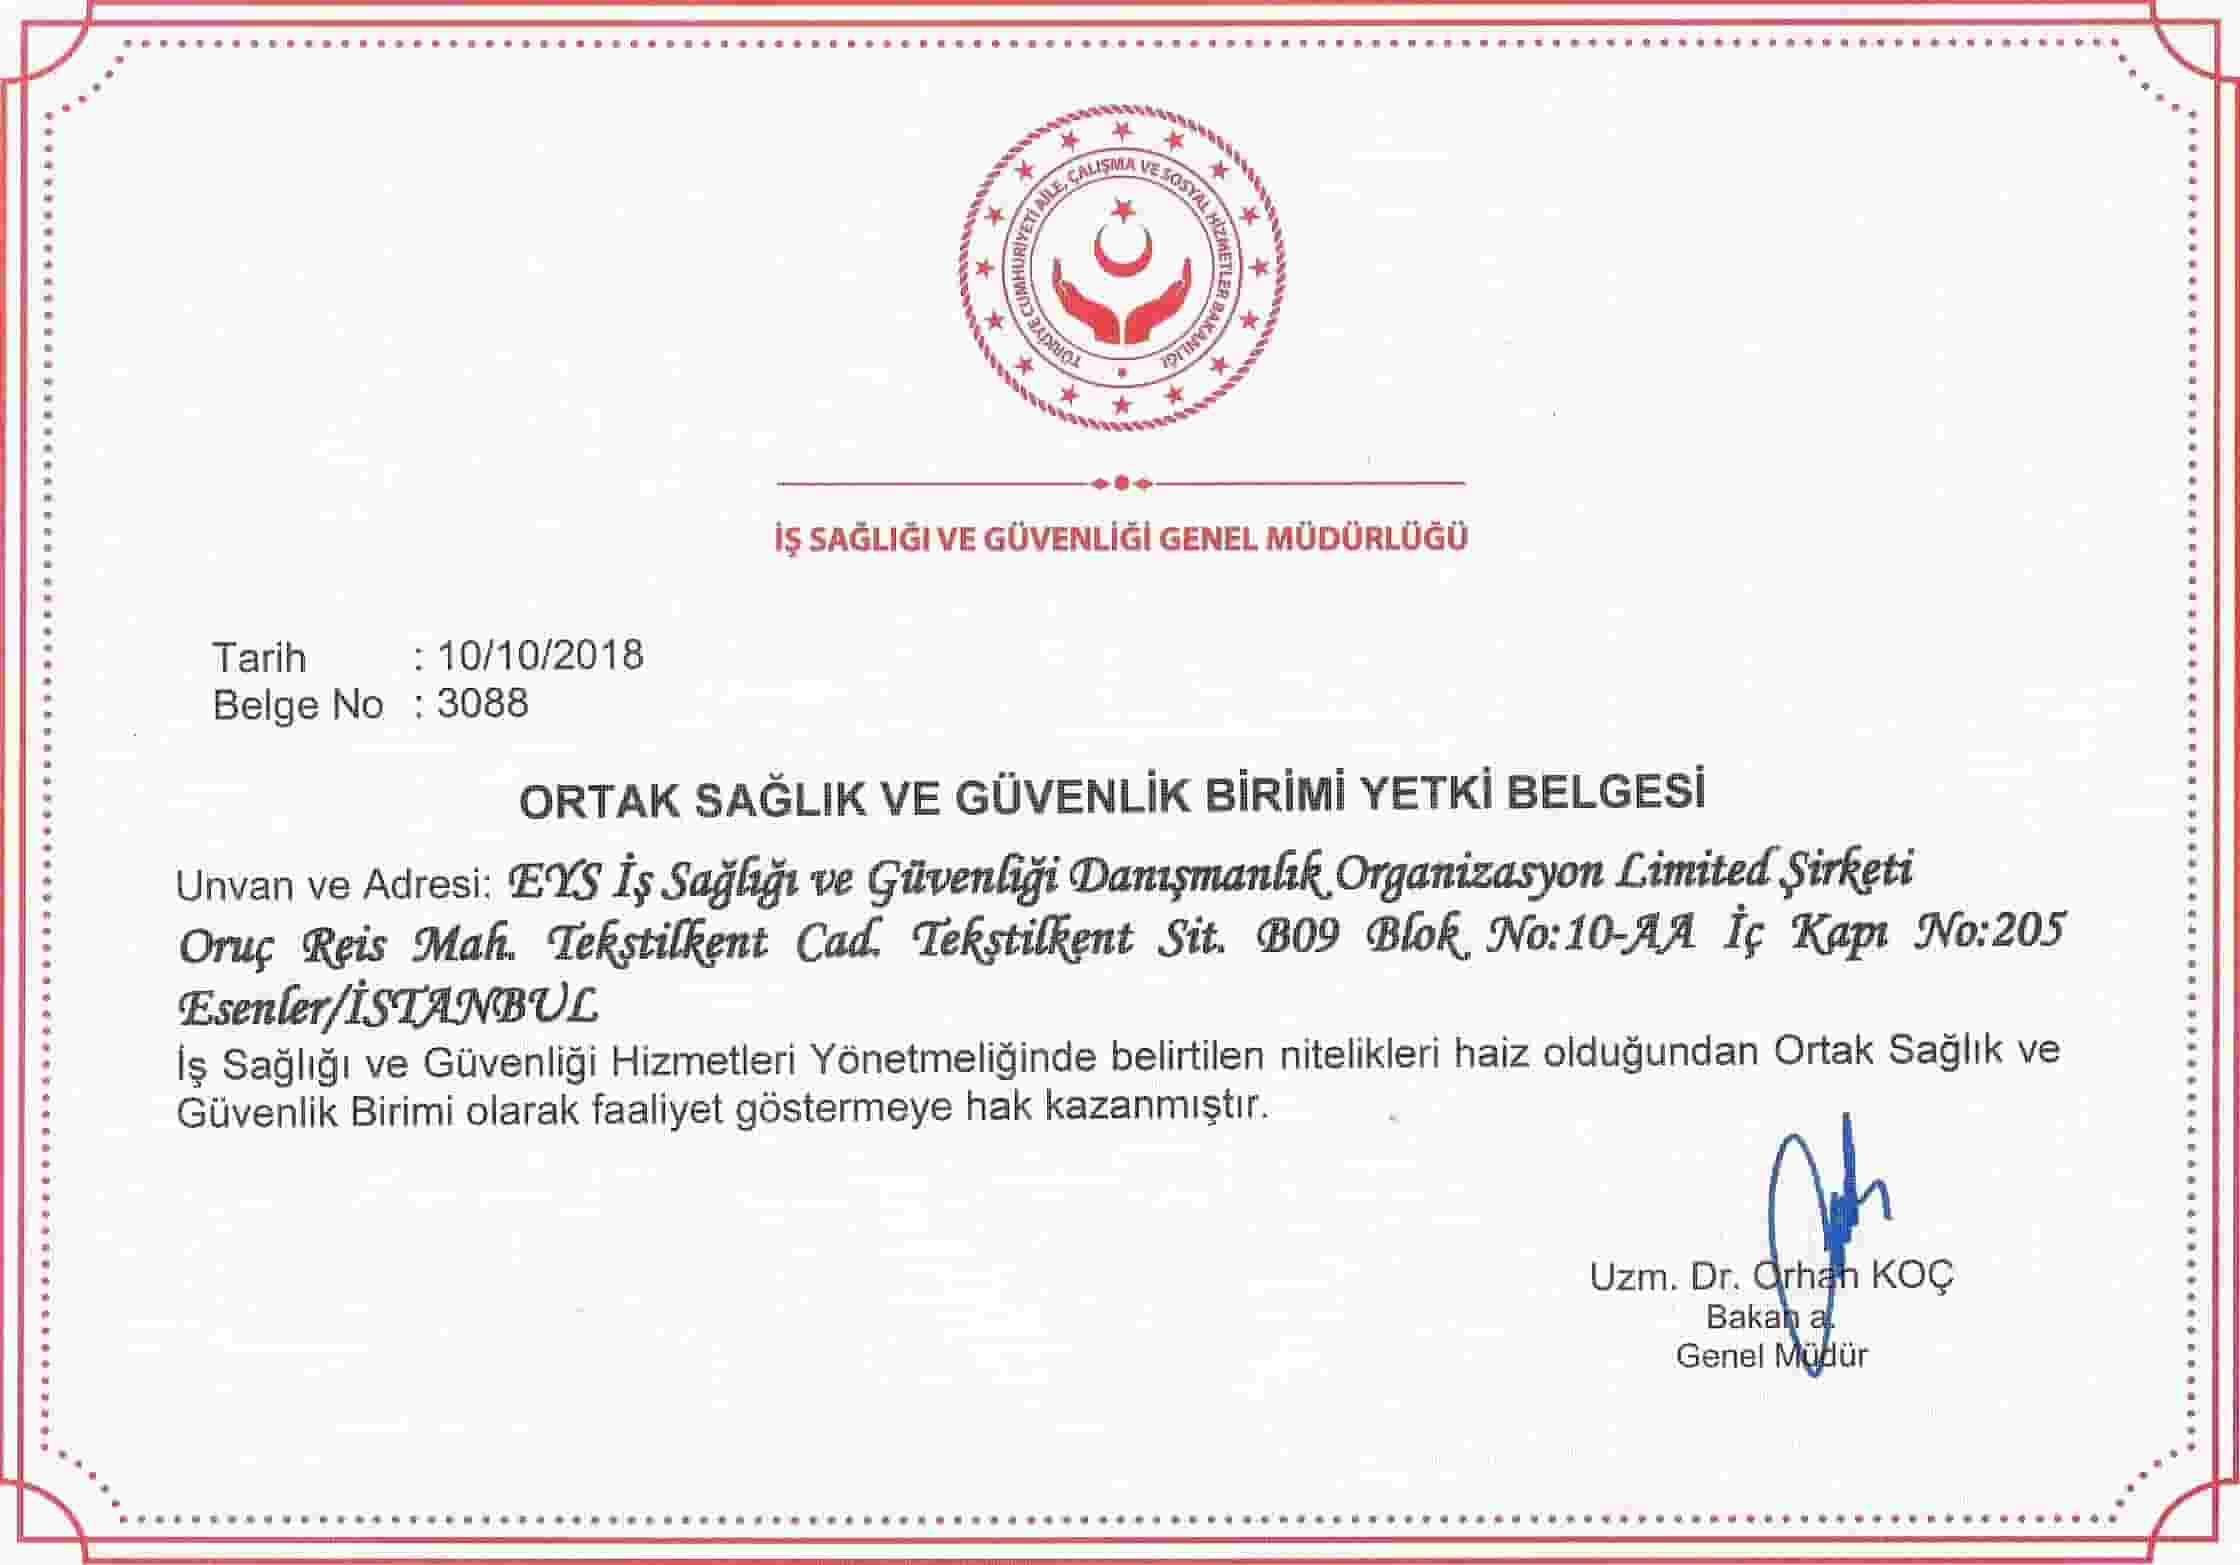 istanbul osgb hizmetini yapabilmek adına yetki belgemizi aldık